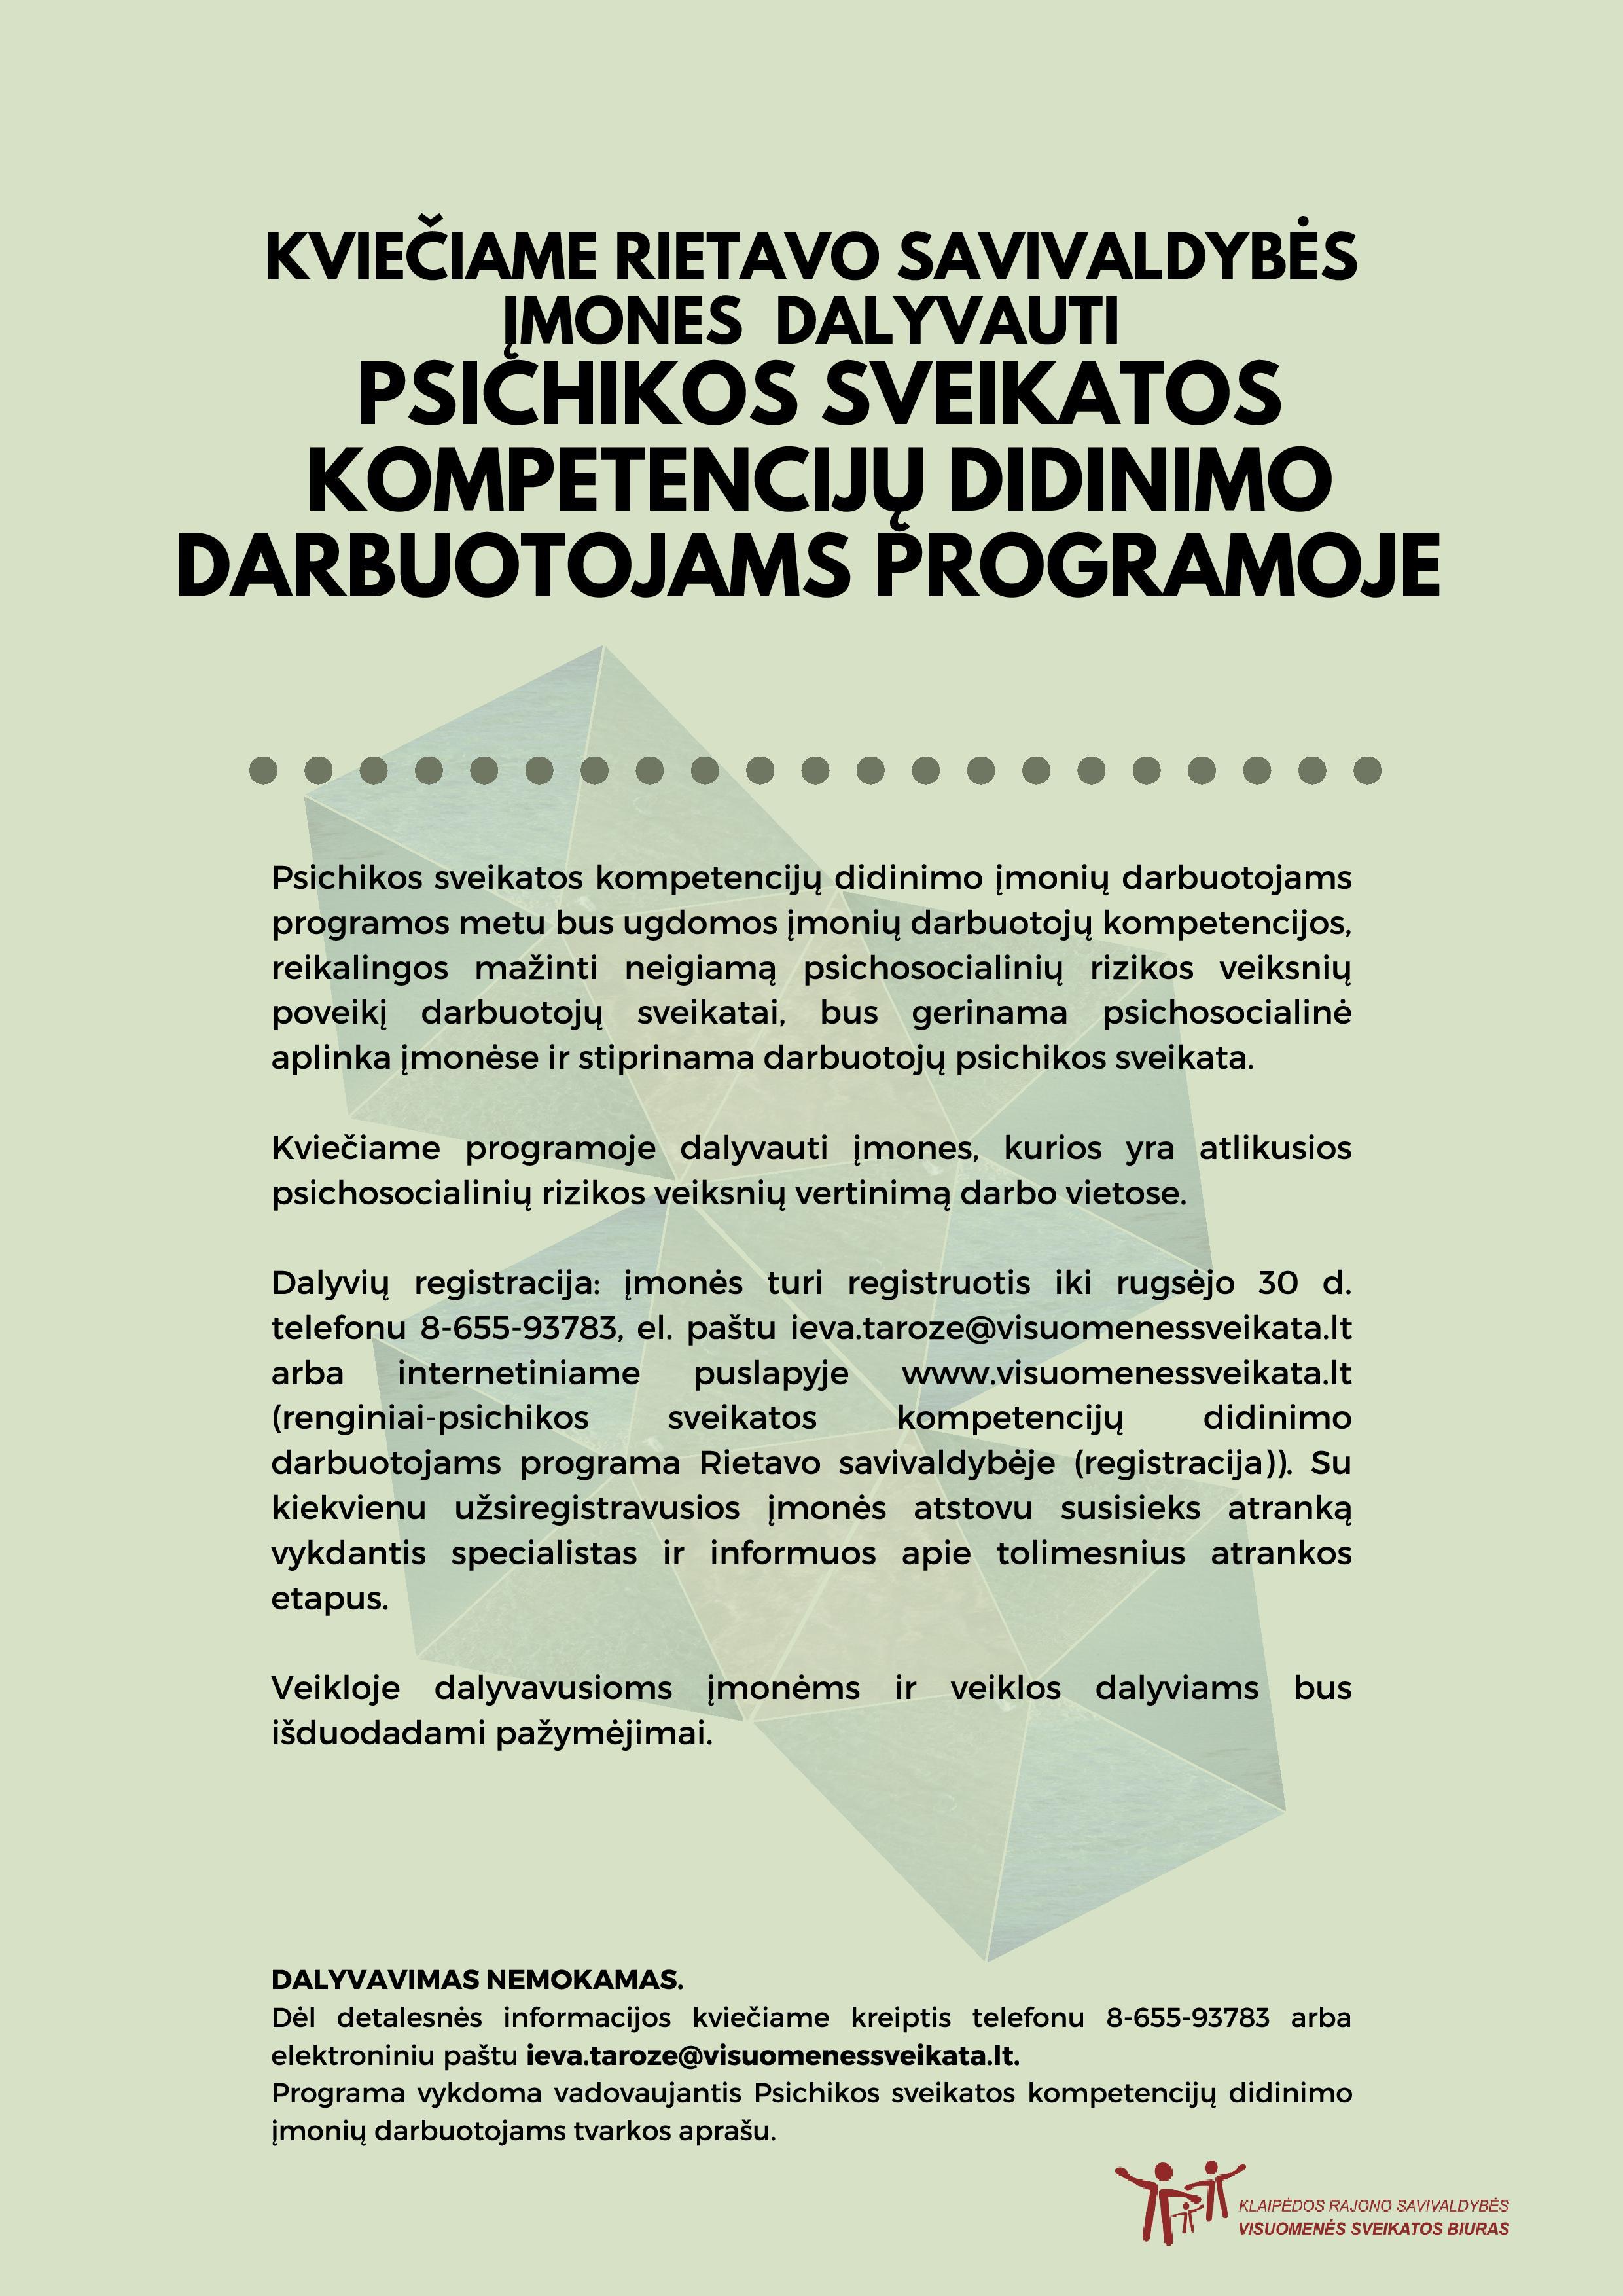 Kvietimas dalyvauti psichikos sveikatos kompetencijų didinimo darbuotojams programoje